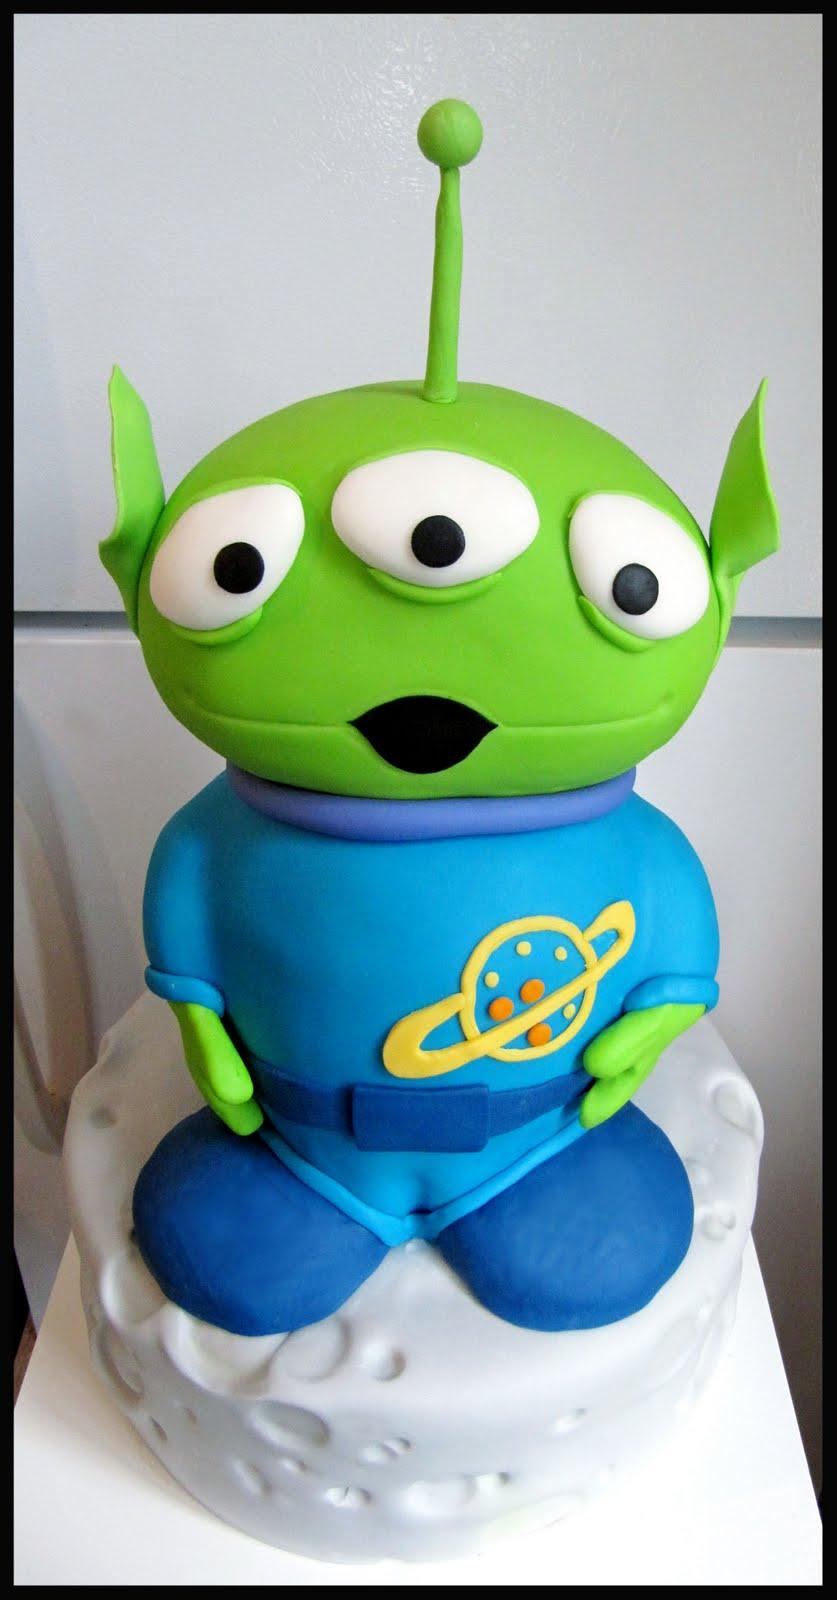 Kakes by Klassic: Toy Story Alien